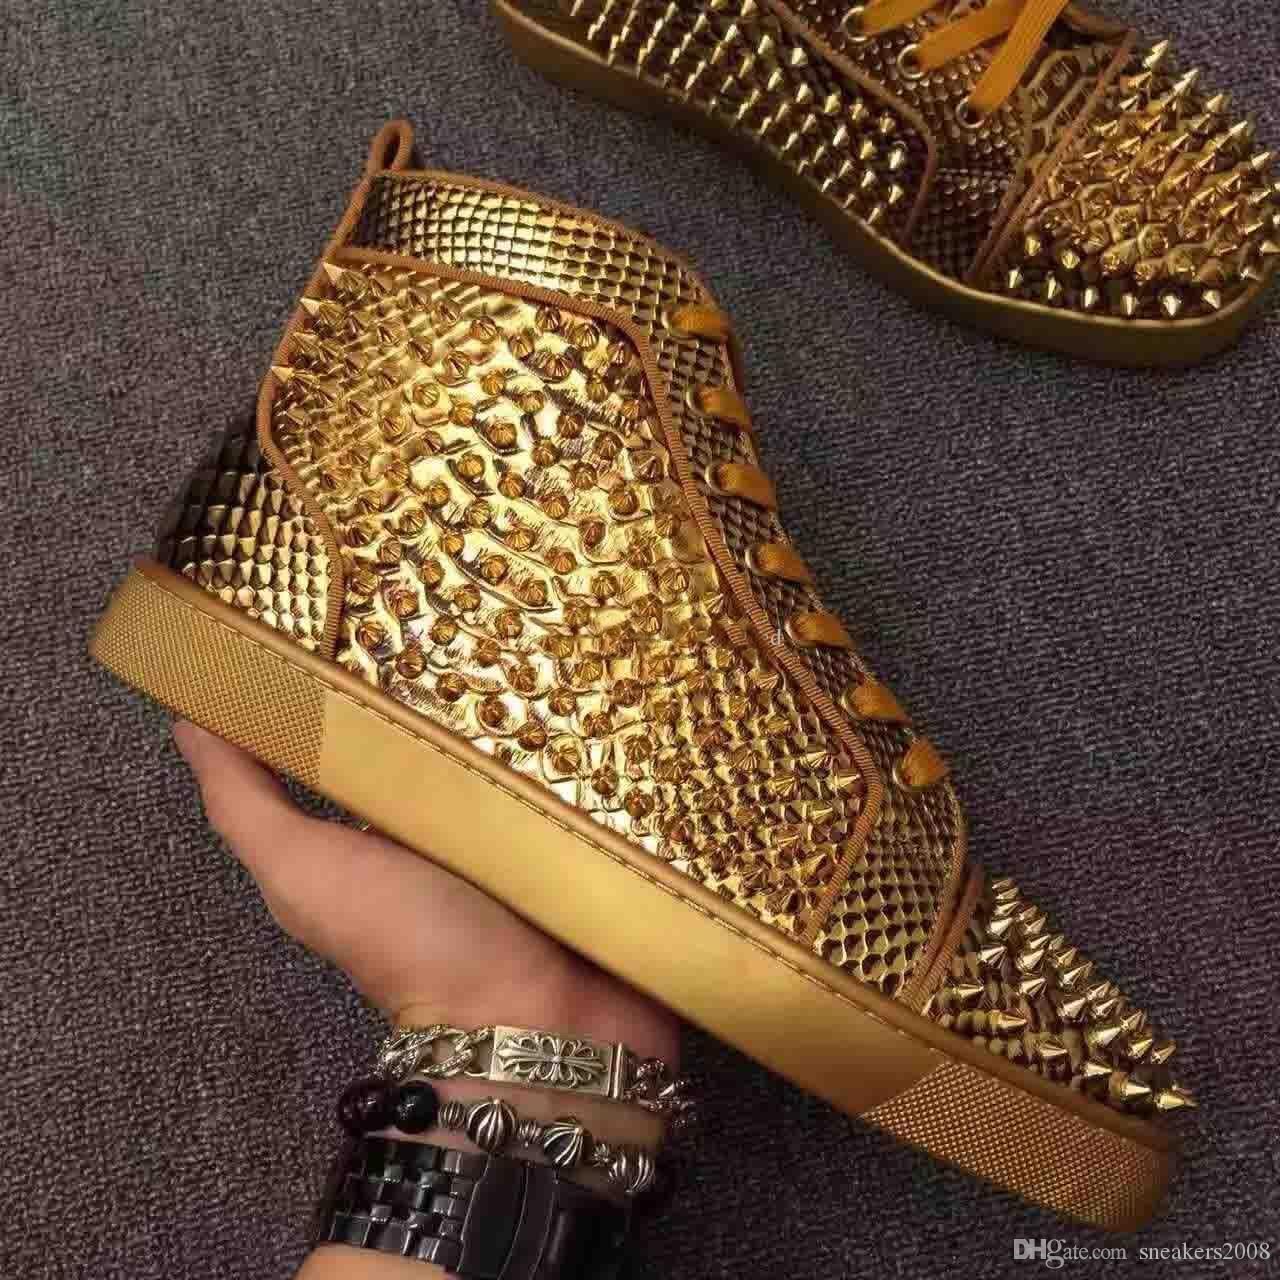 2019 Unisex Größe Gold-Spikes-Schuhe Herren-Python-Leder-beiläufige Schuh-Luxus-rote Unterseite Mode Turnschuhe Nieten männlicher Freizeit-Schuh-Größe 35-47